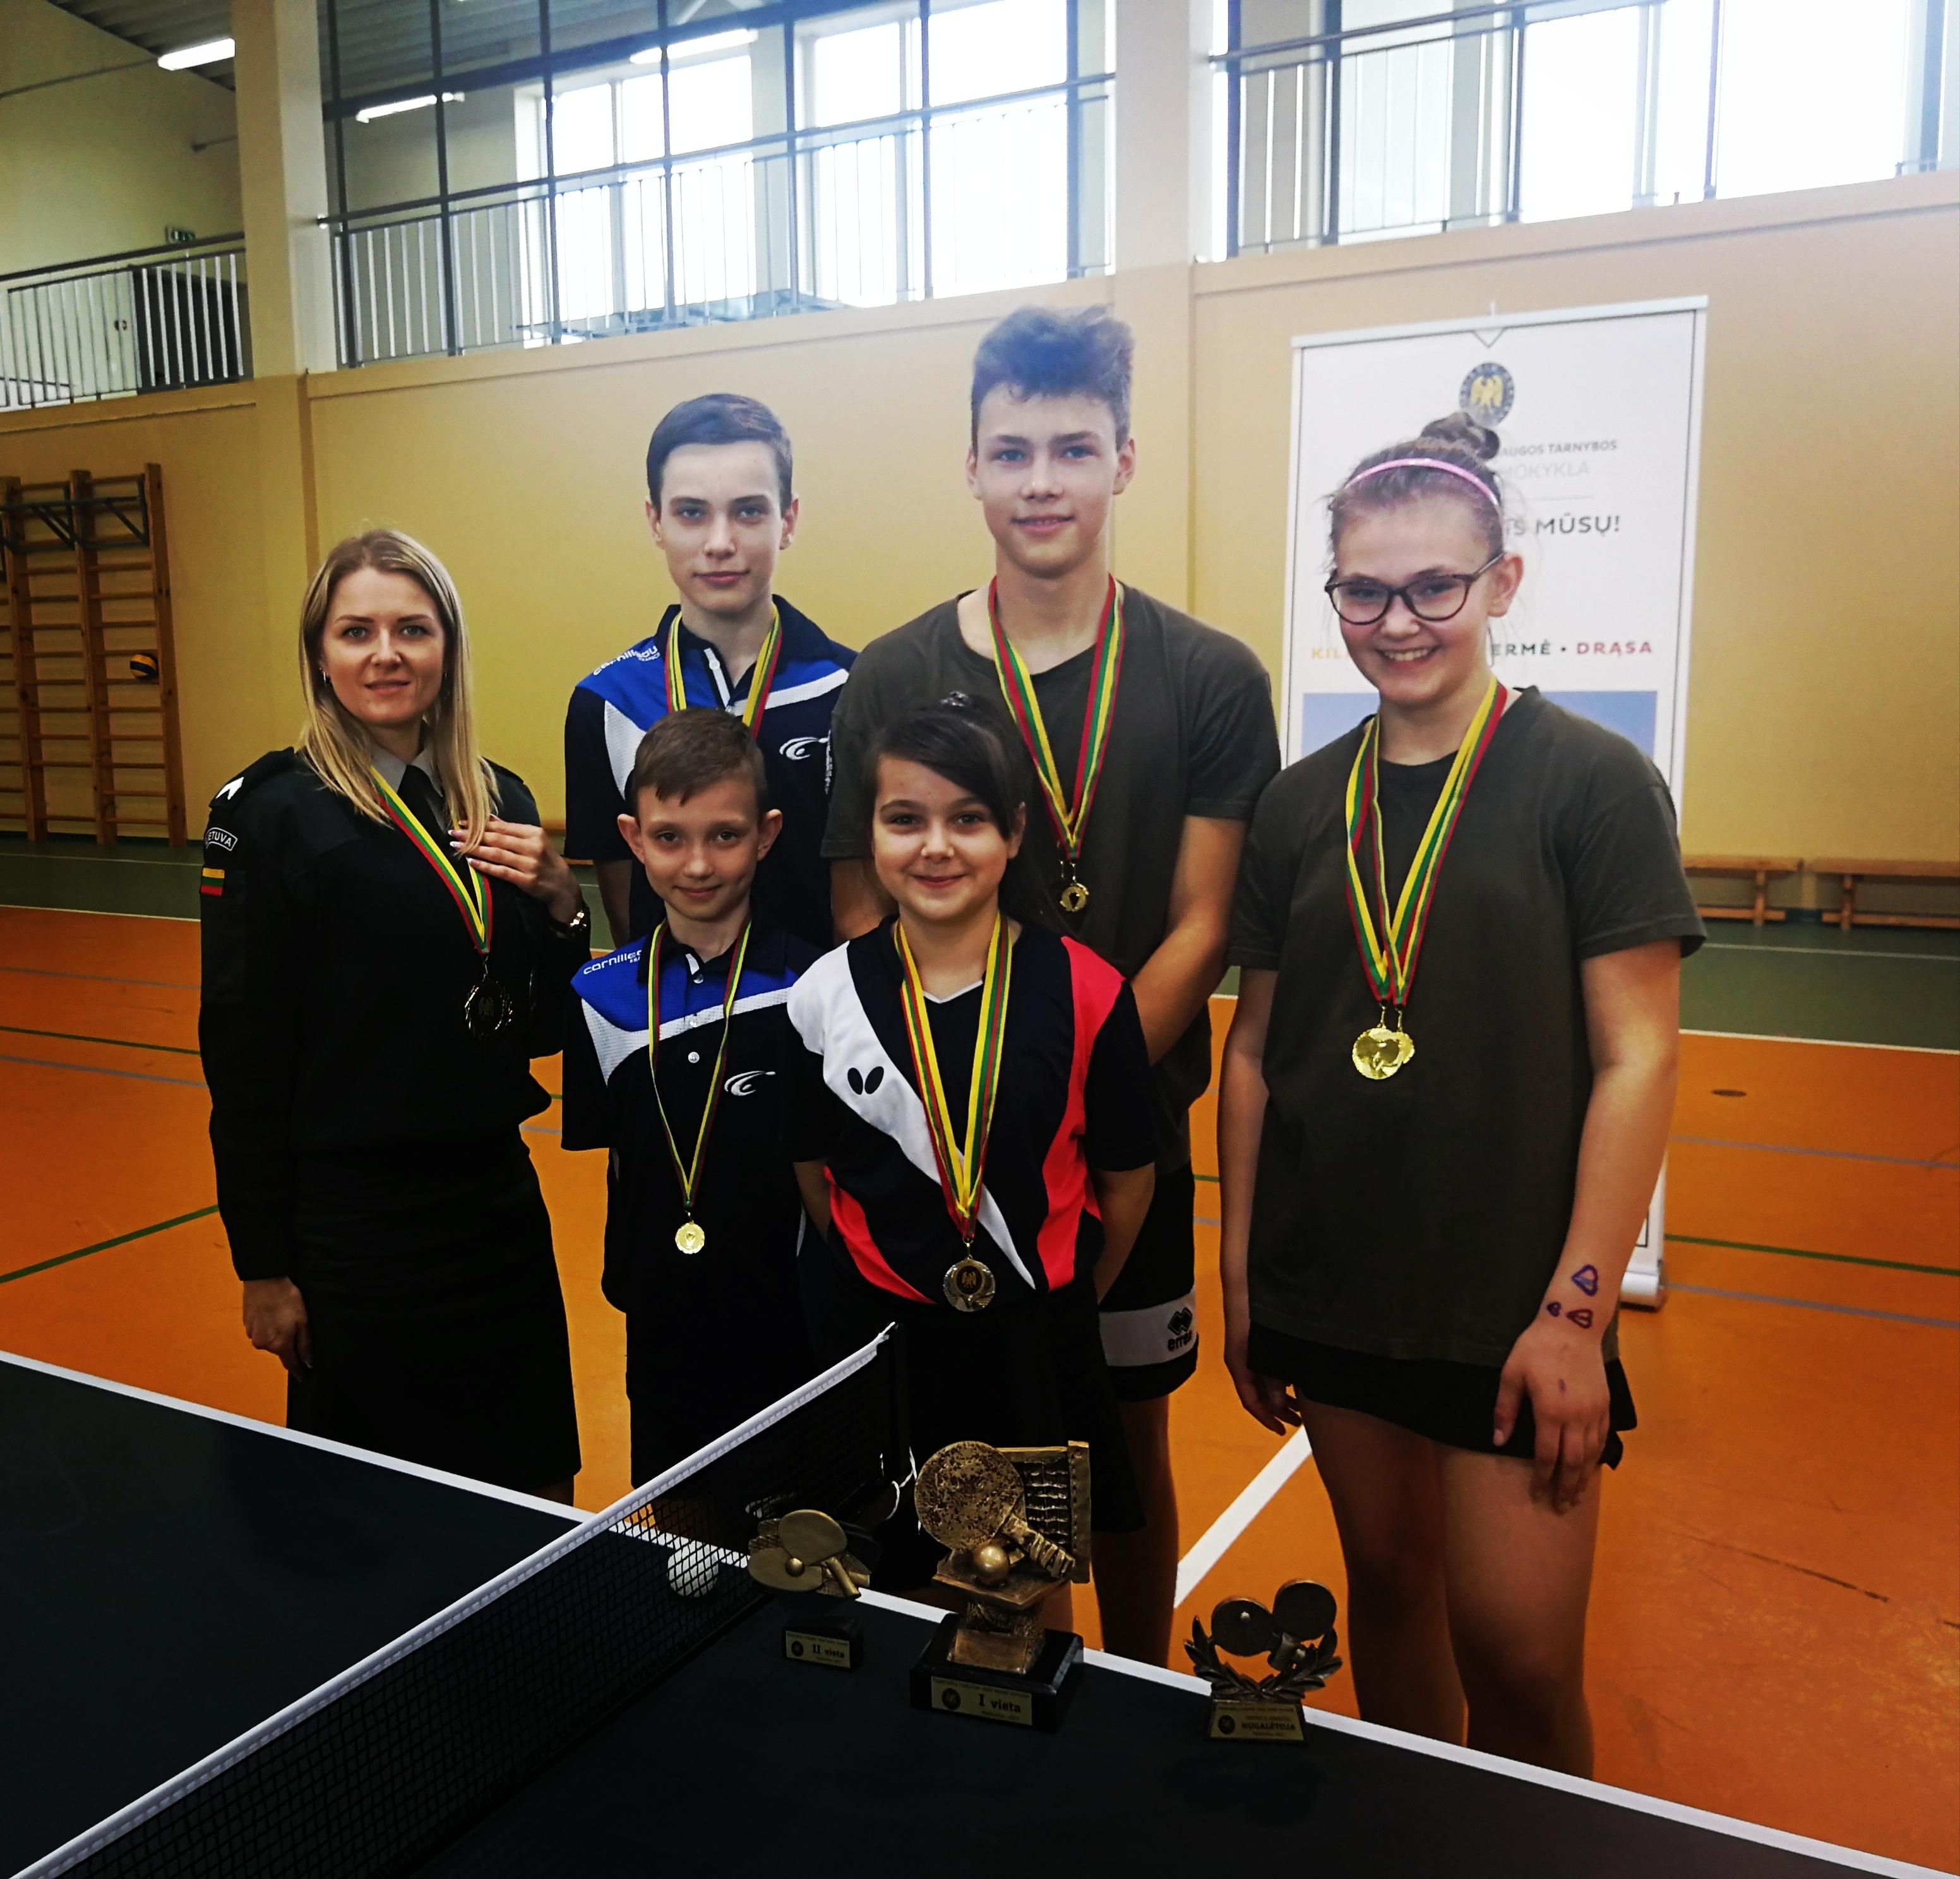 Atviras stalo teniso turnyras: Vilniaus r. JPB nariai metė iššūkį kursantams